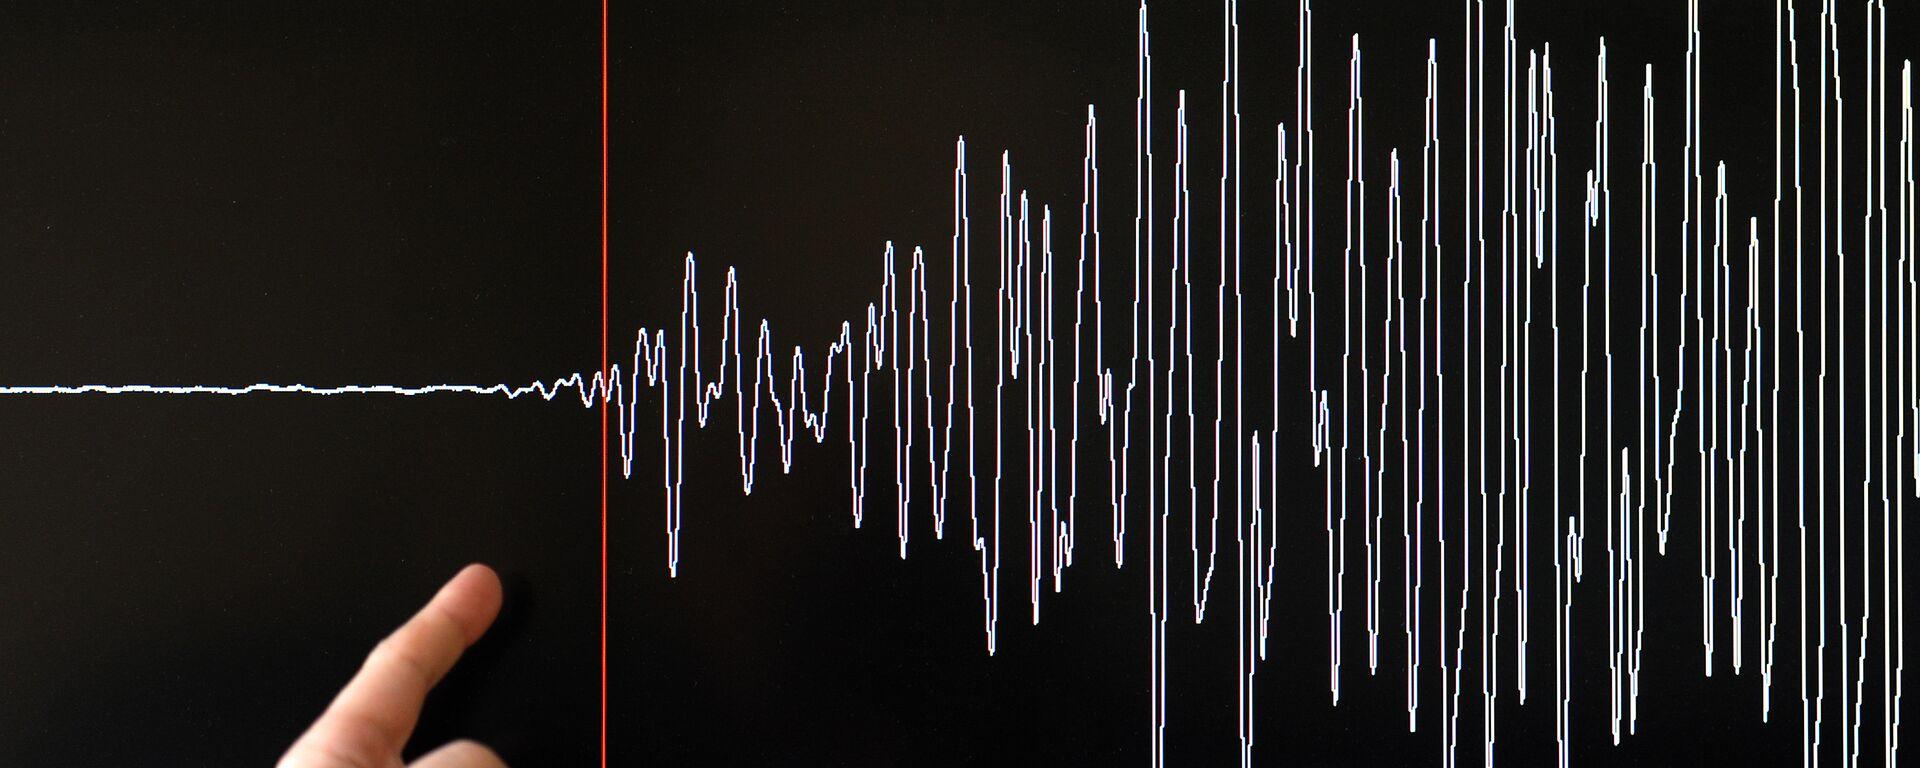 Terremoto - Sputnik Mundo, 1920, 30.03.2020